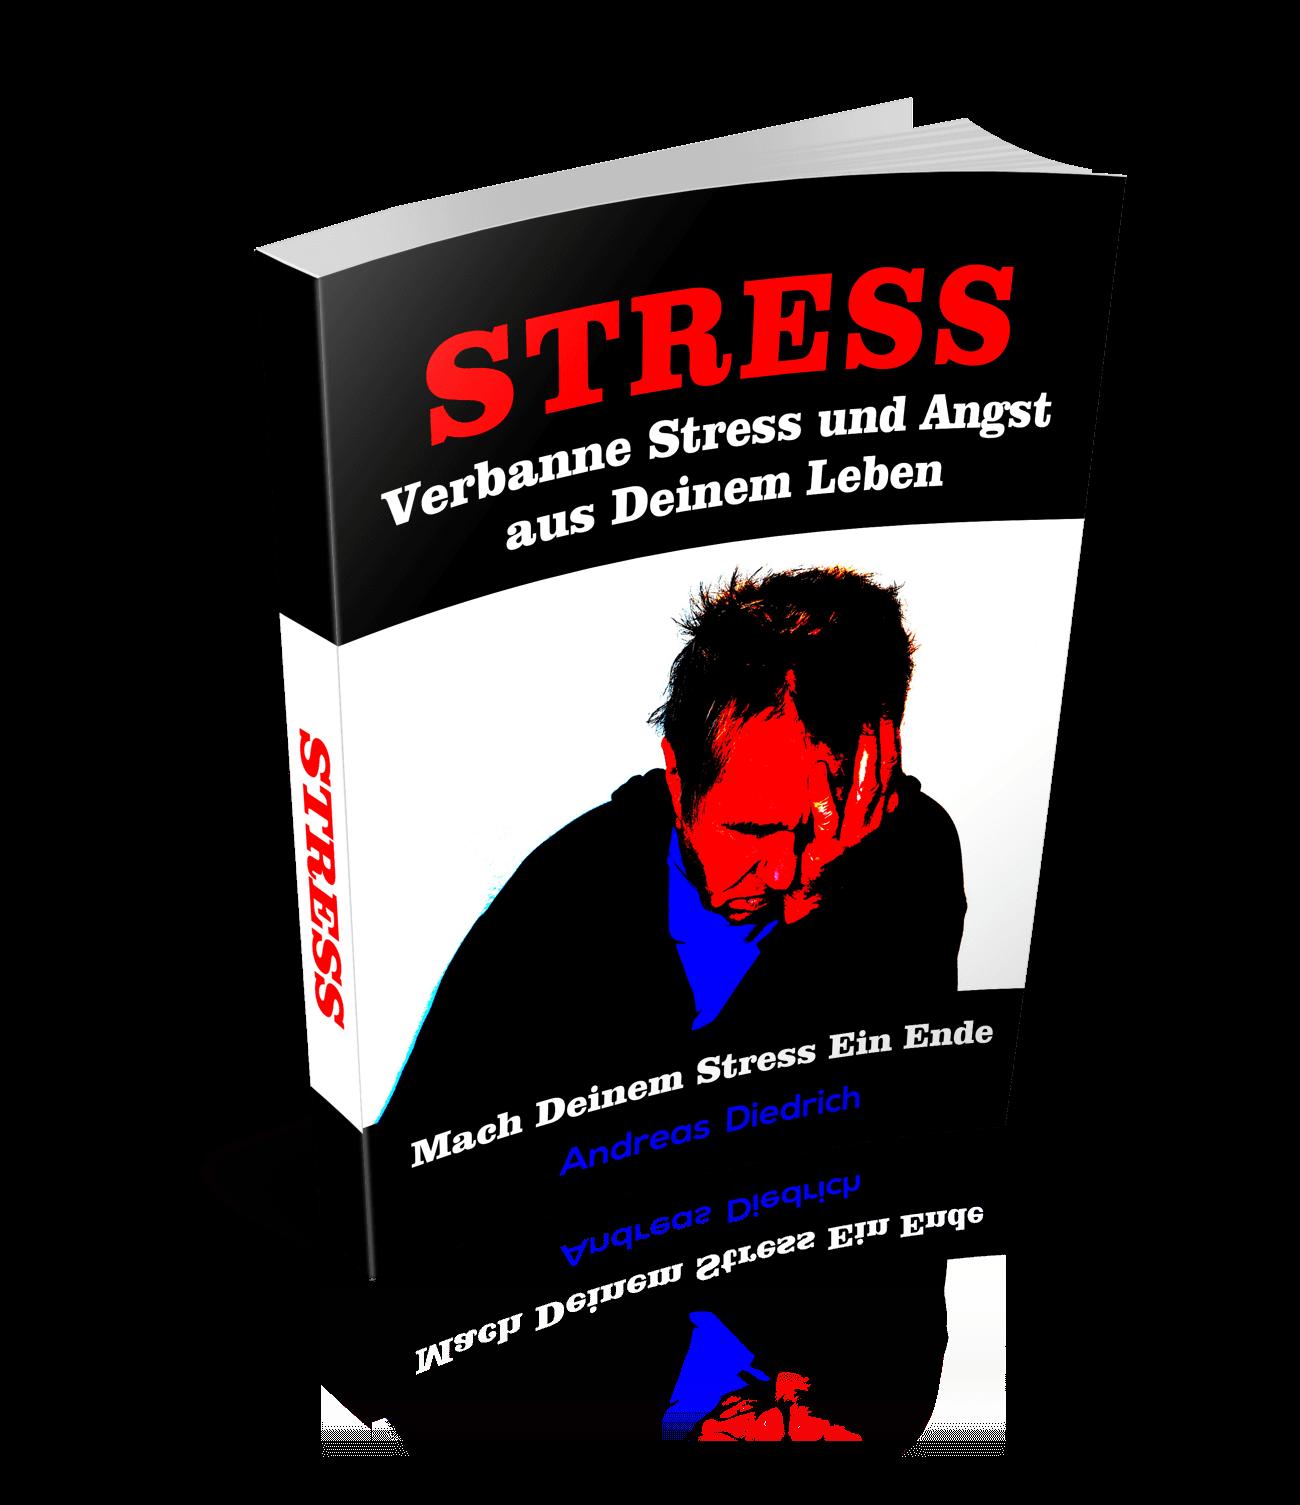 Mach Deinem Stress ein Ende